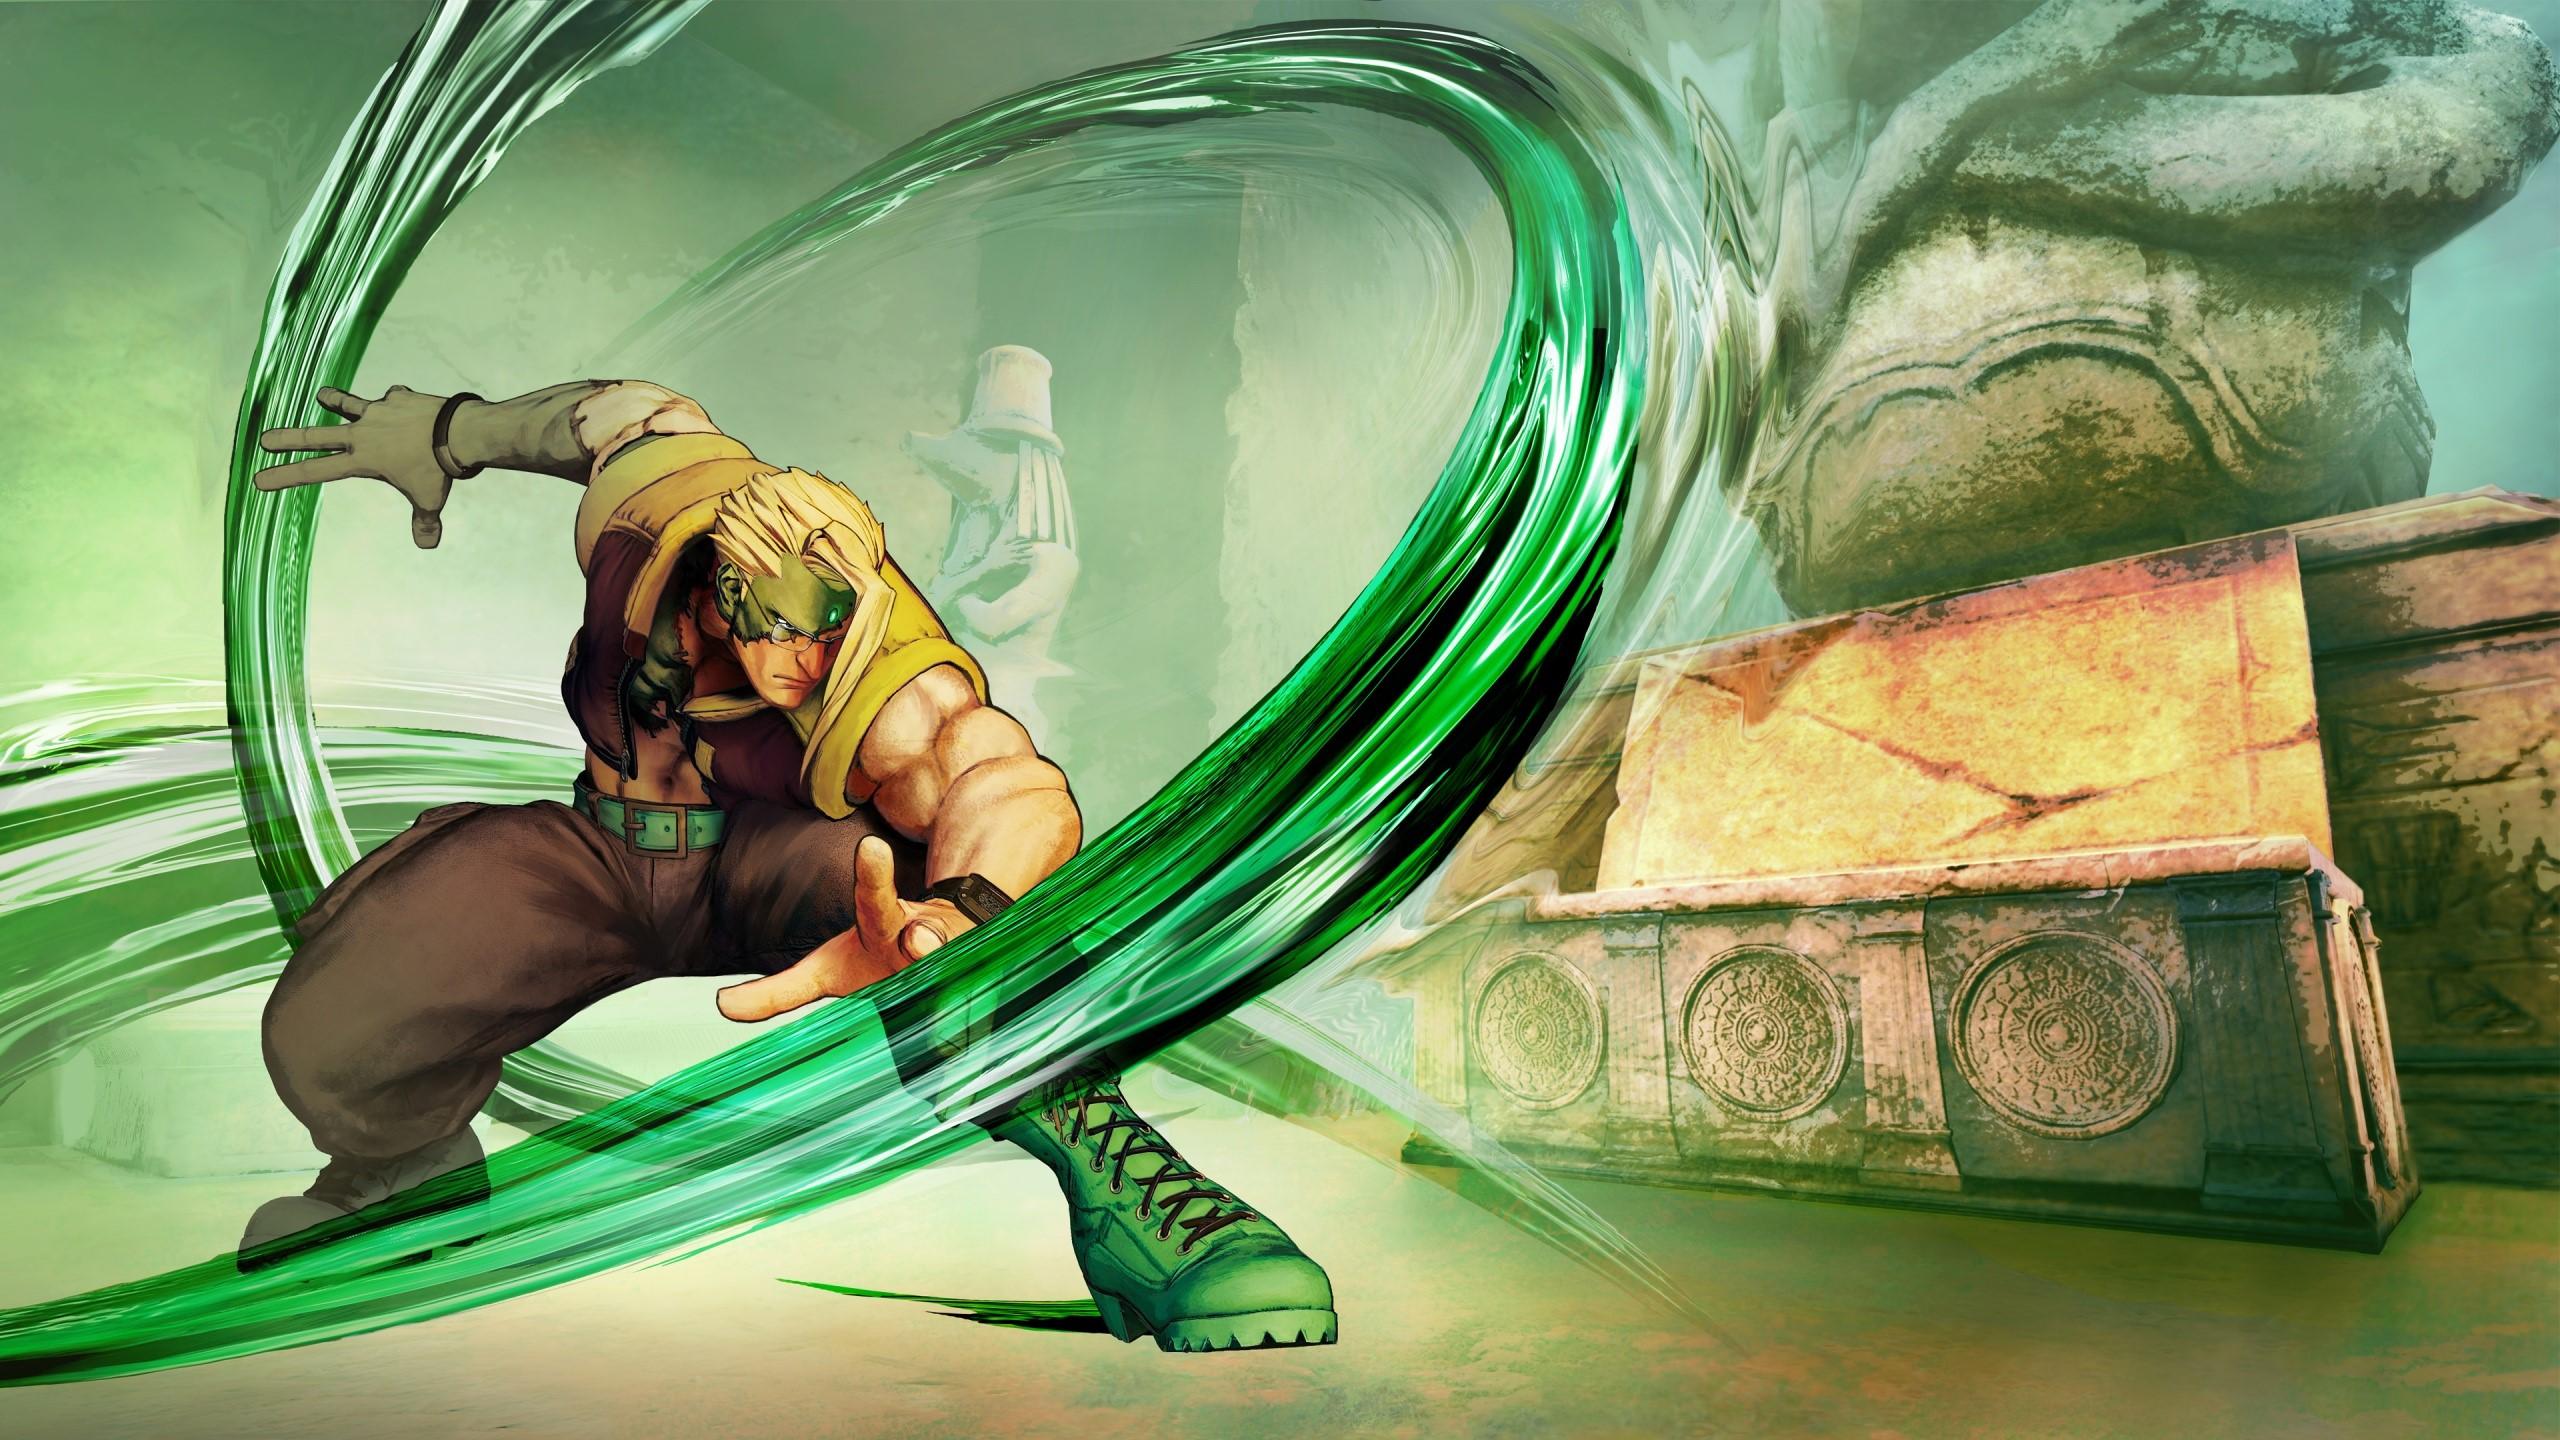 Wallpaper Nash from Street Fighter V